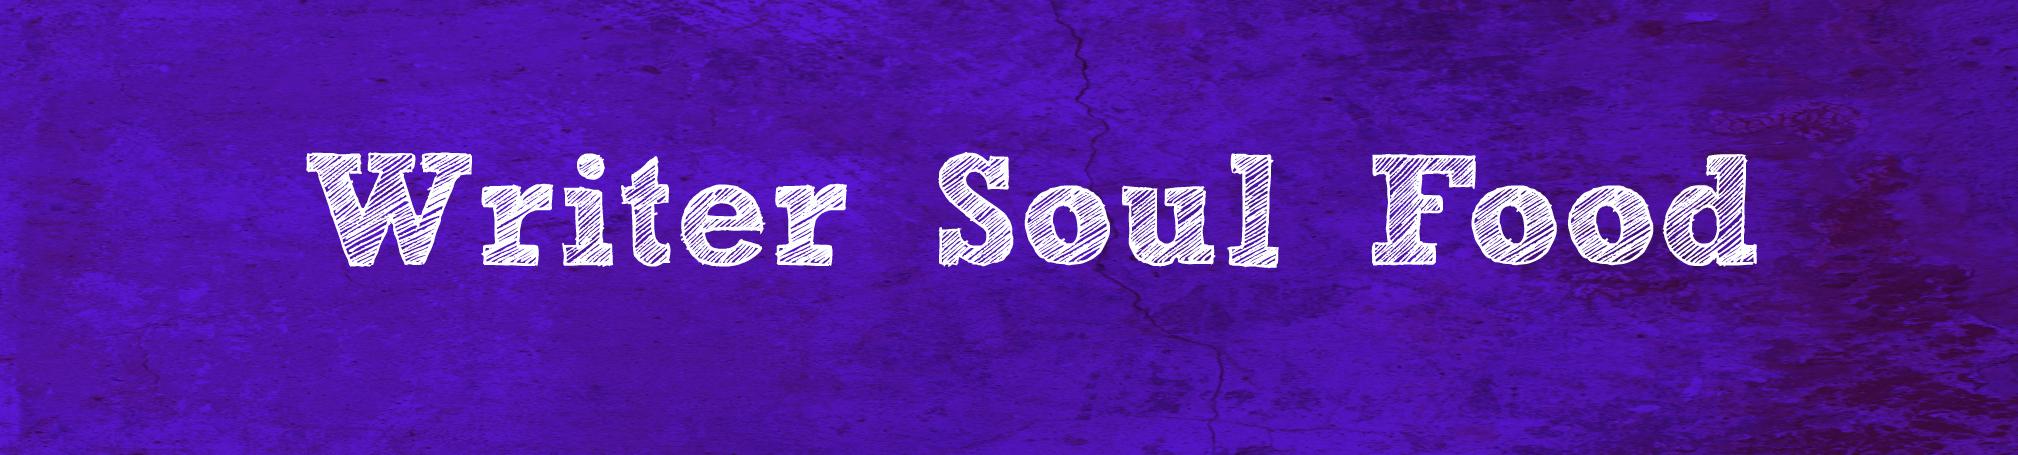 writer soul food.jpg